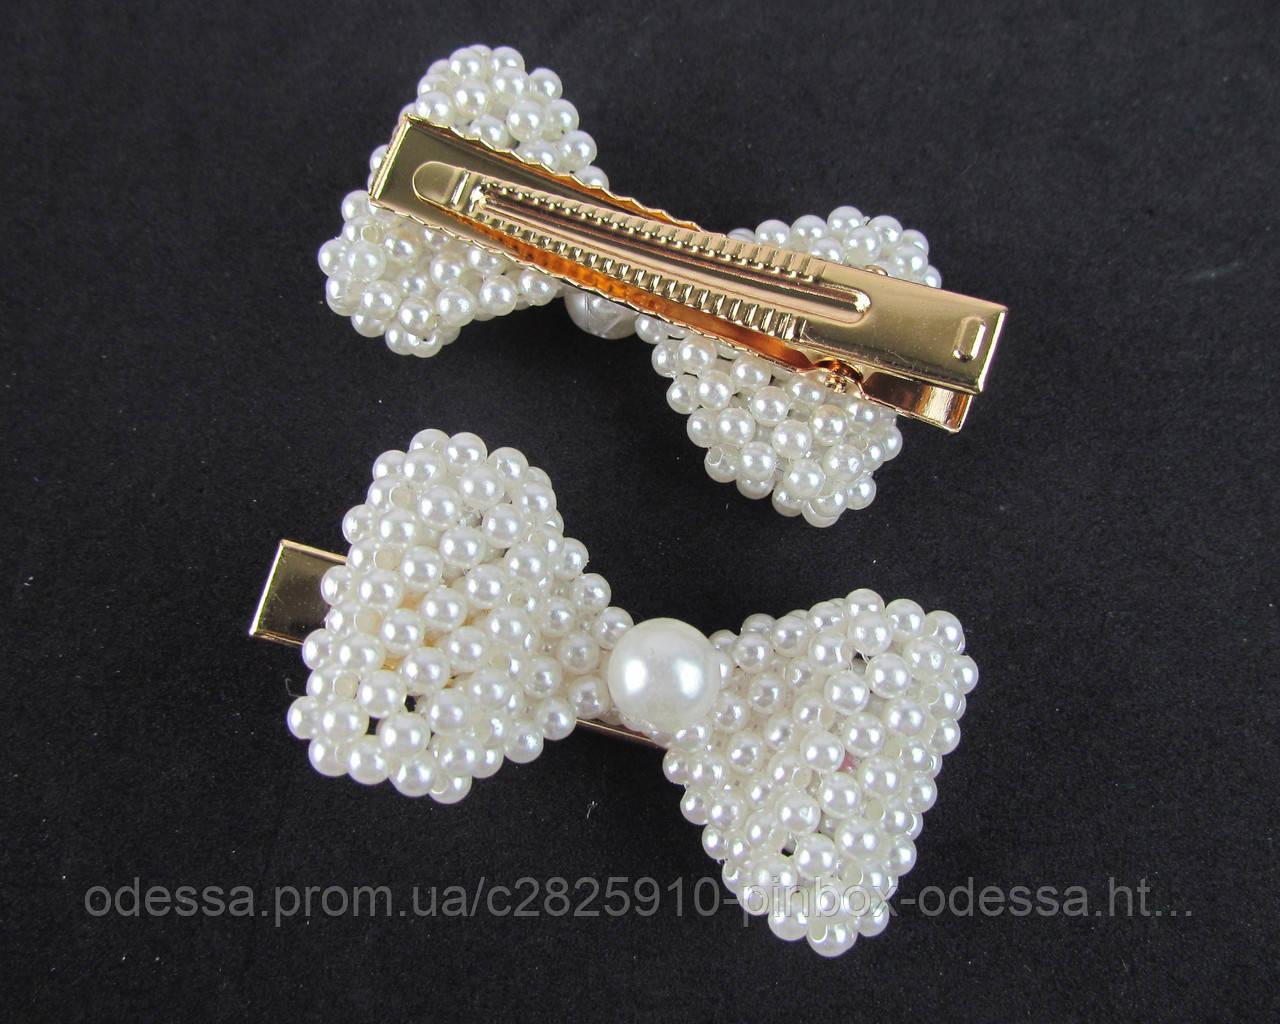 2b48aaf84a5f Заколки для волос с жемчугом Бантик плетеный 6*3 см 6 шт/уп.: продажа, цена  в Одессе. ...